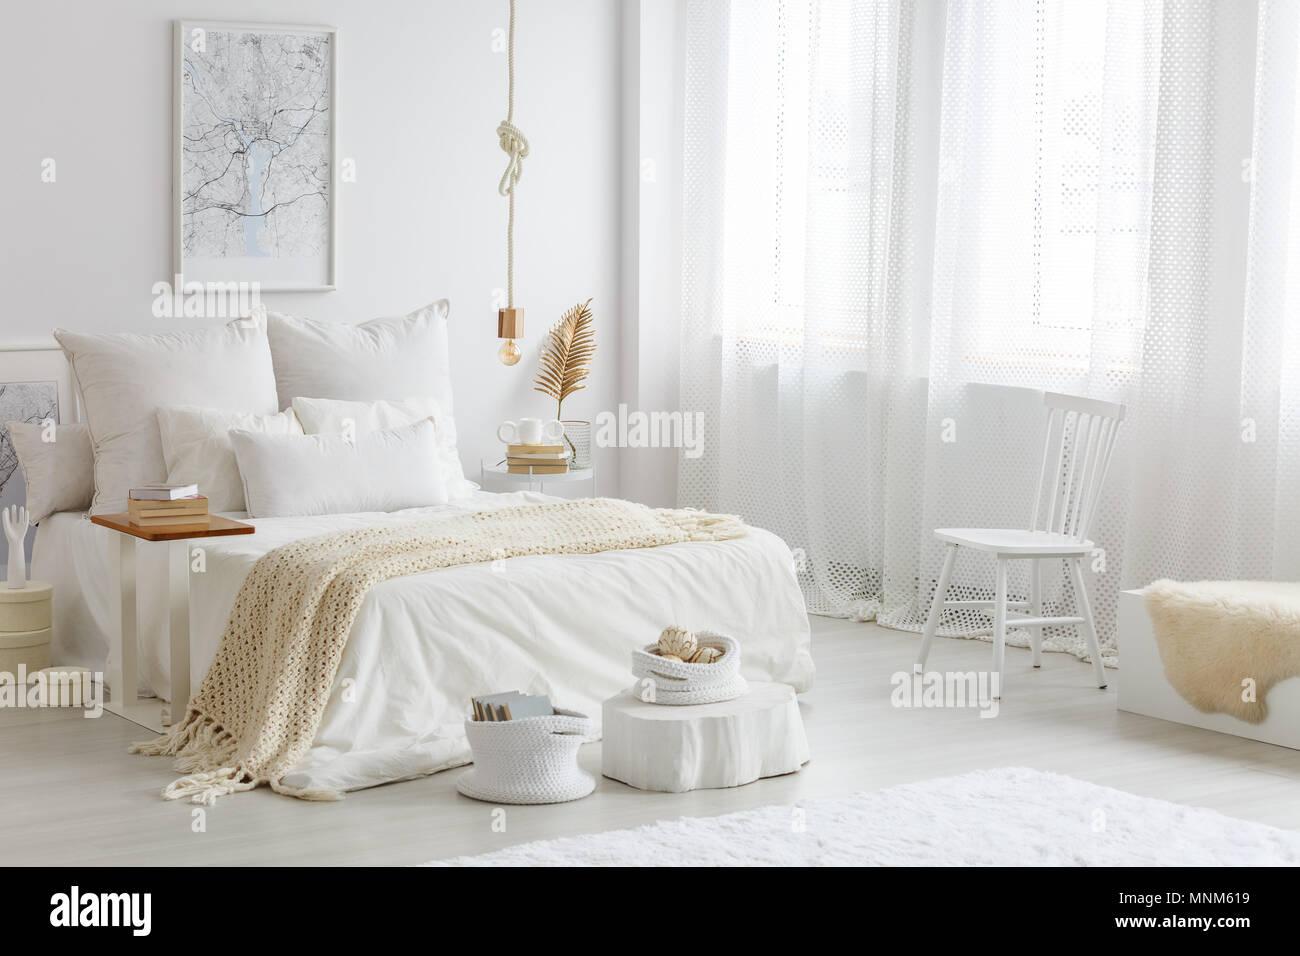 Chambre Blanche Et Bois chaise en bois debout près de la fenêtre avec des rideaux en